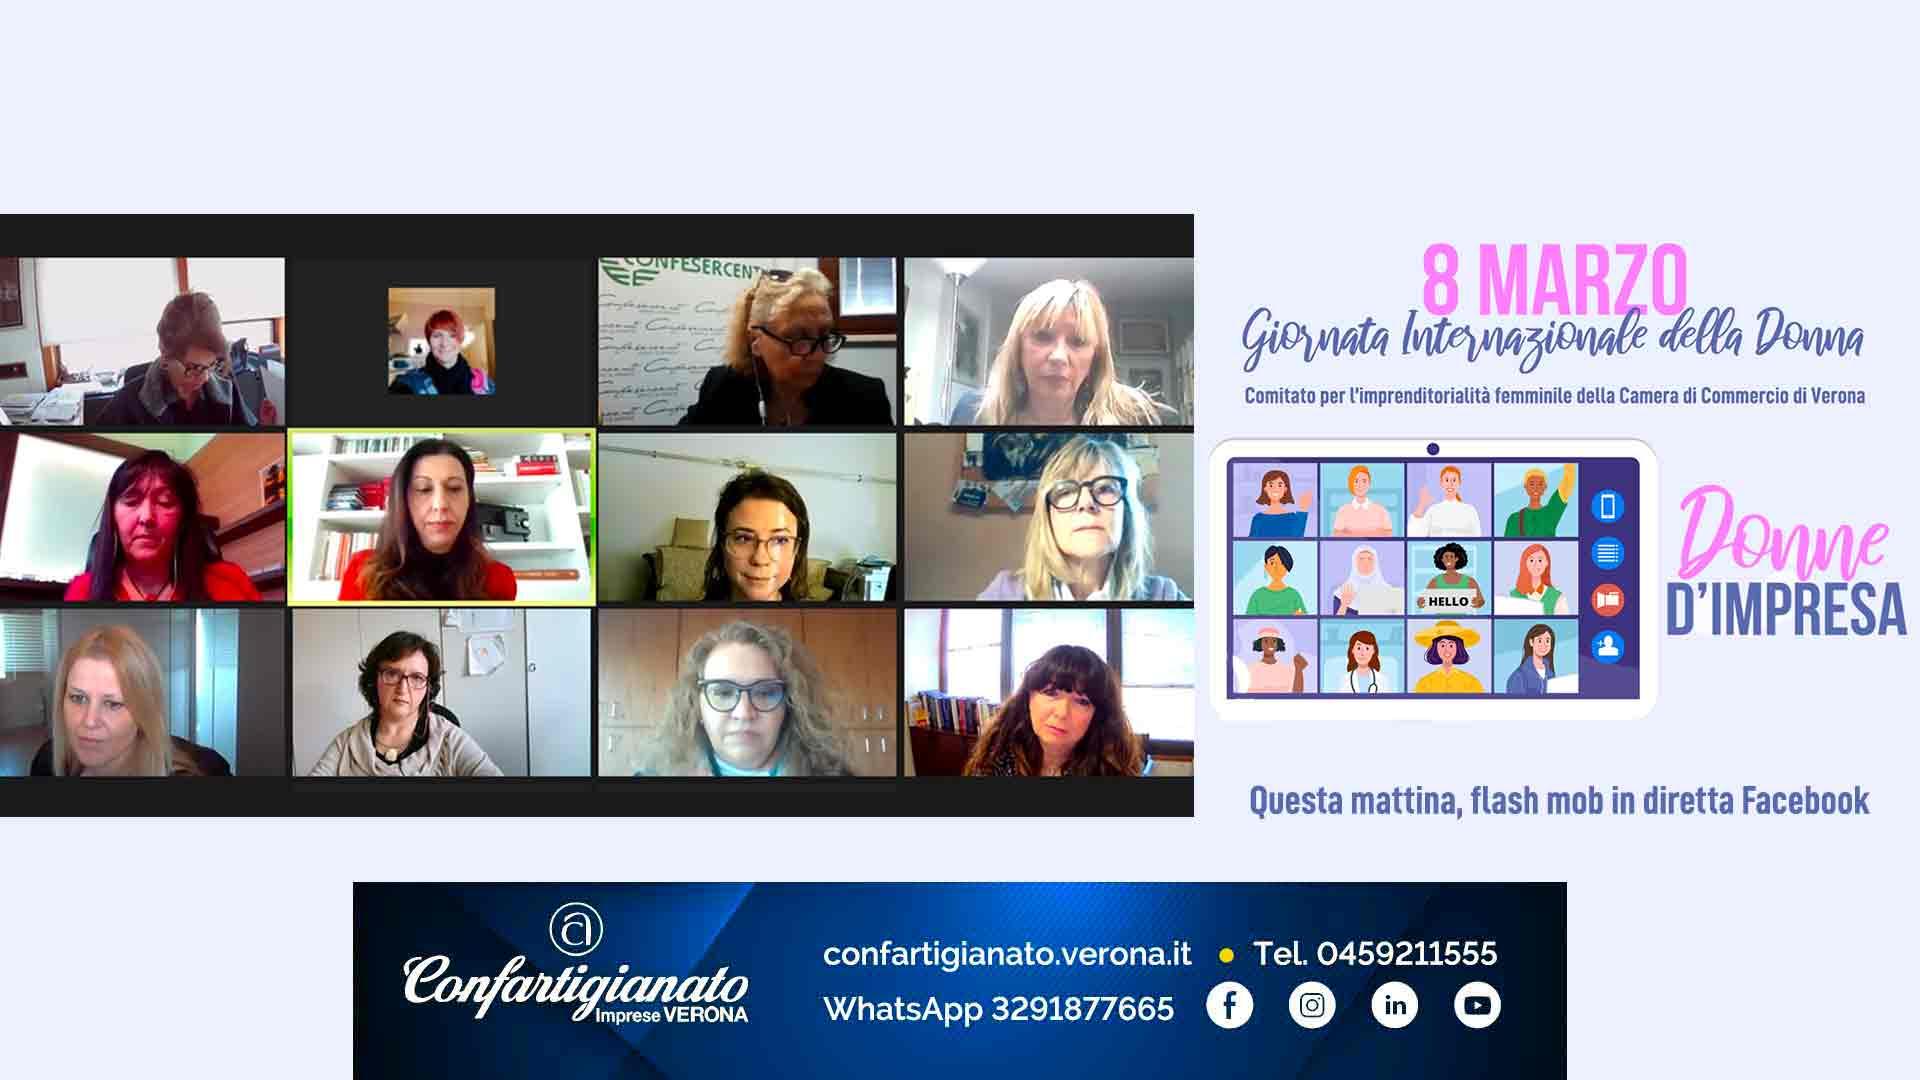 DONNE – Donne d'Impresa, flash mob del Comitato Imprenditorialità Femminile: letti interventi di donne che hanno affrontato e vinto le imprese della vita